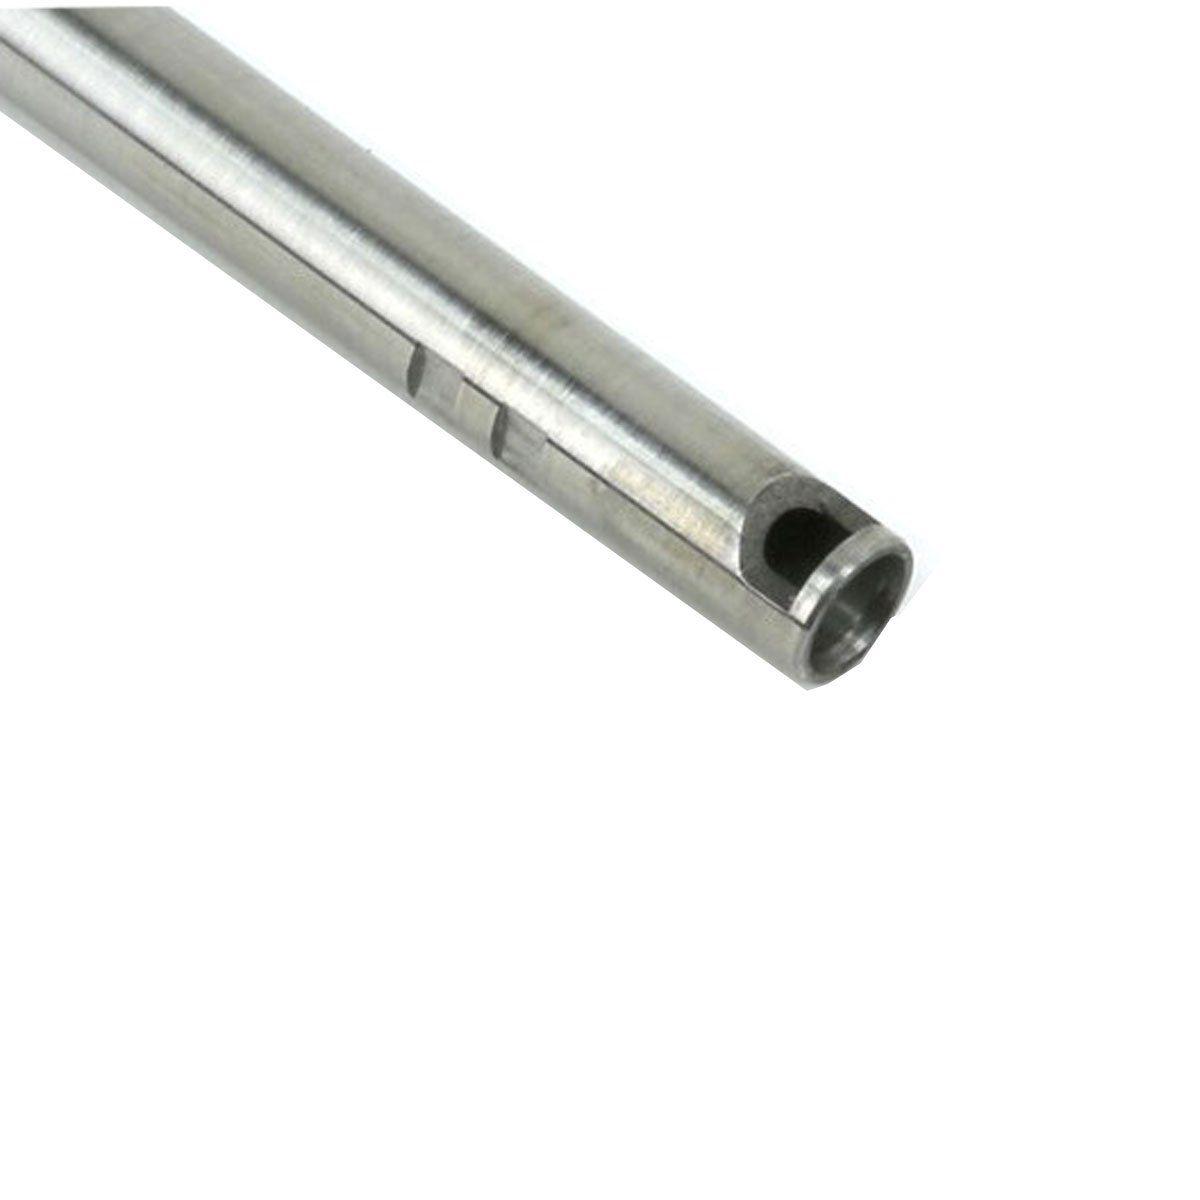 Cano de Precisão em Aço Inox 650mm 6.03mm PPS